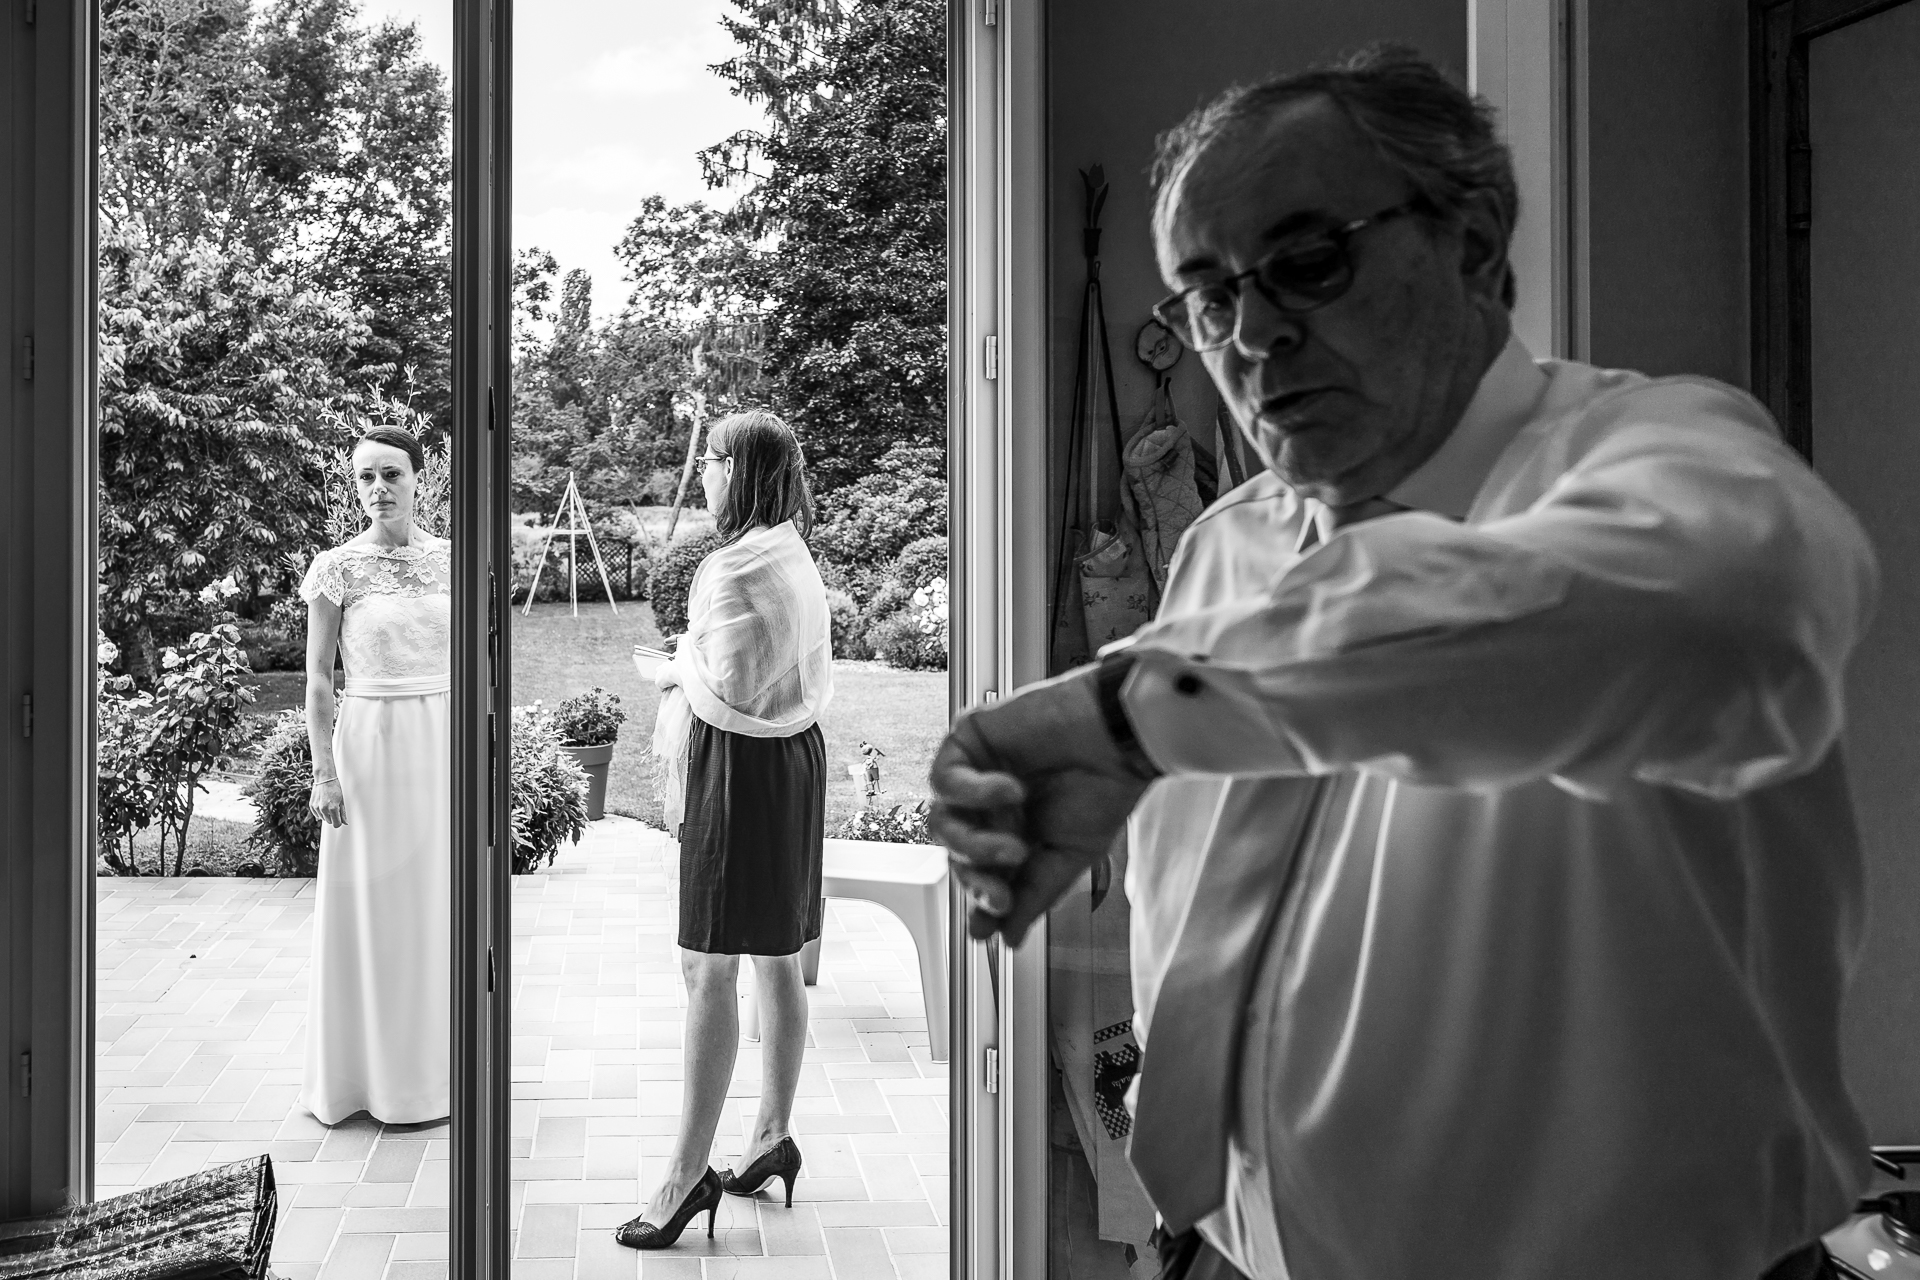 Un uomo controlla l'orologio prima della cerimonia a Checy in questa foto di matrimonio in bianco e nero